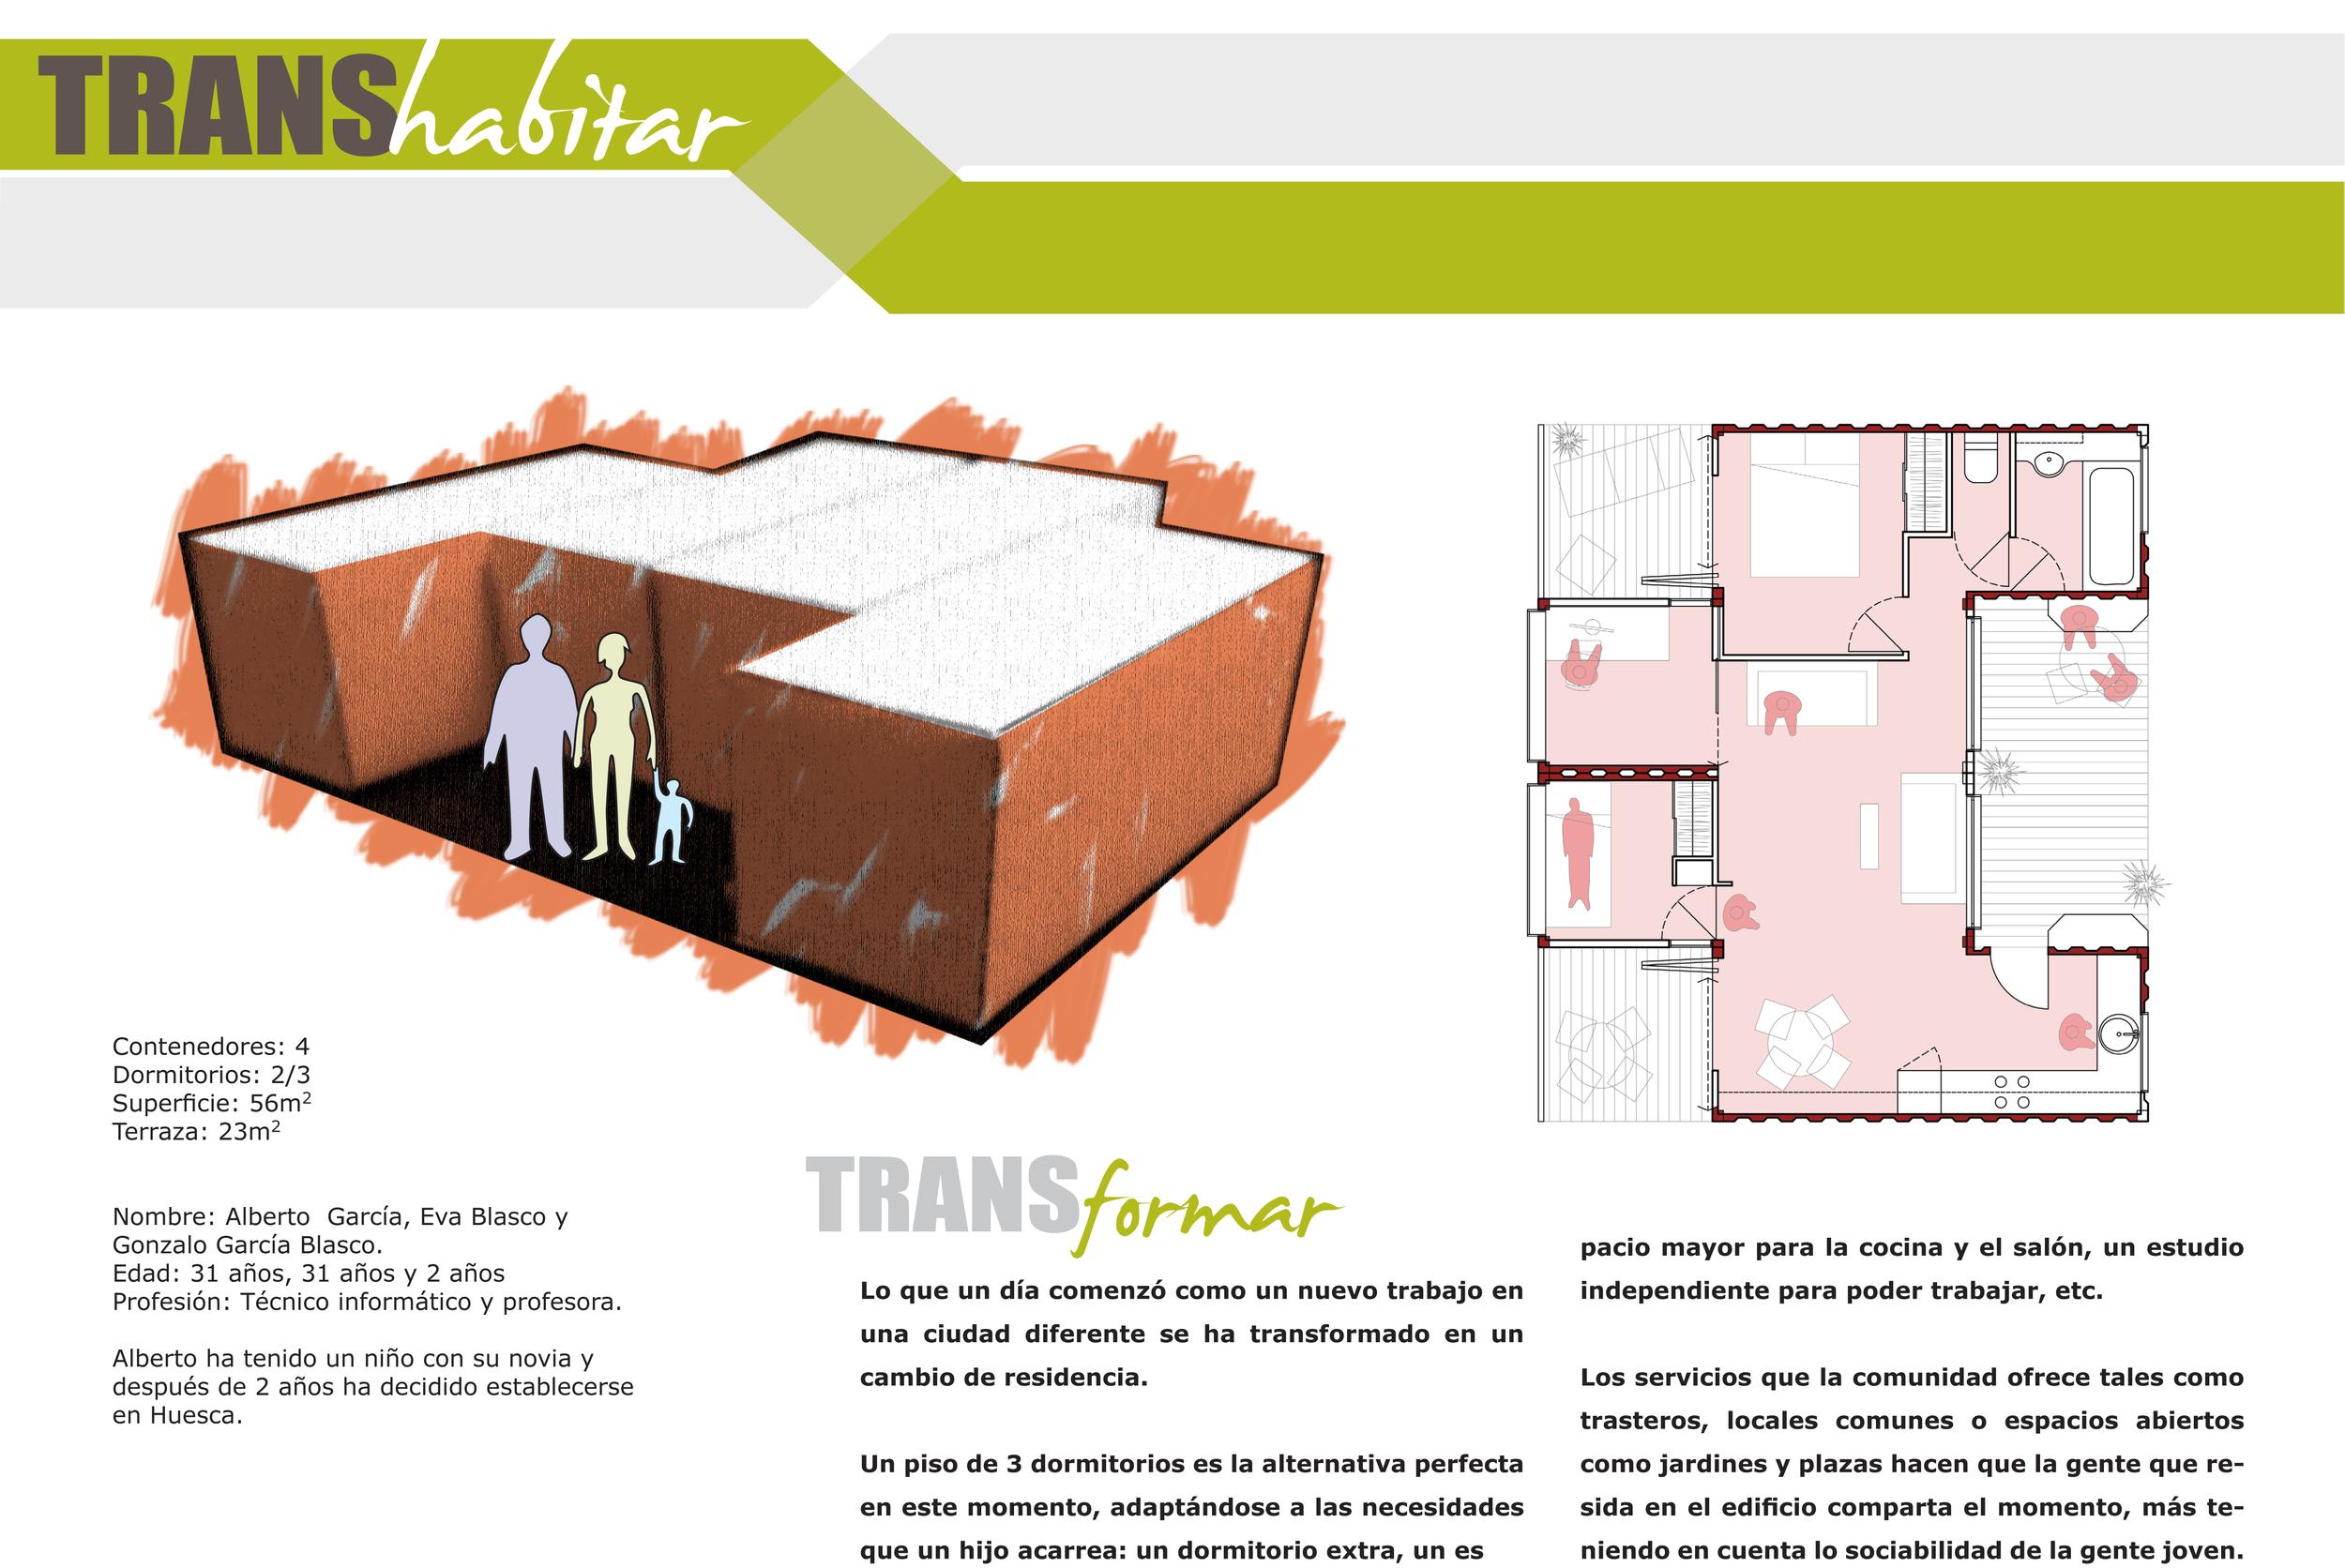 transhabitar presentation-8.jpg